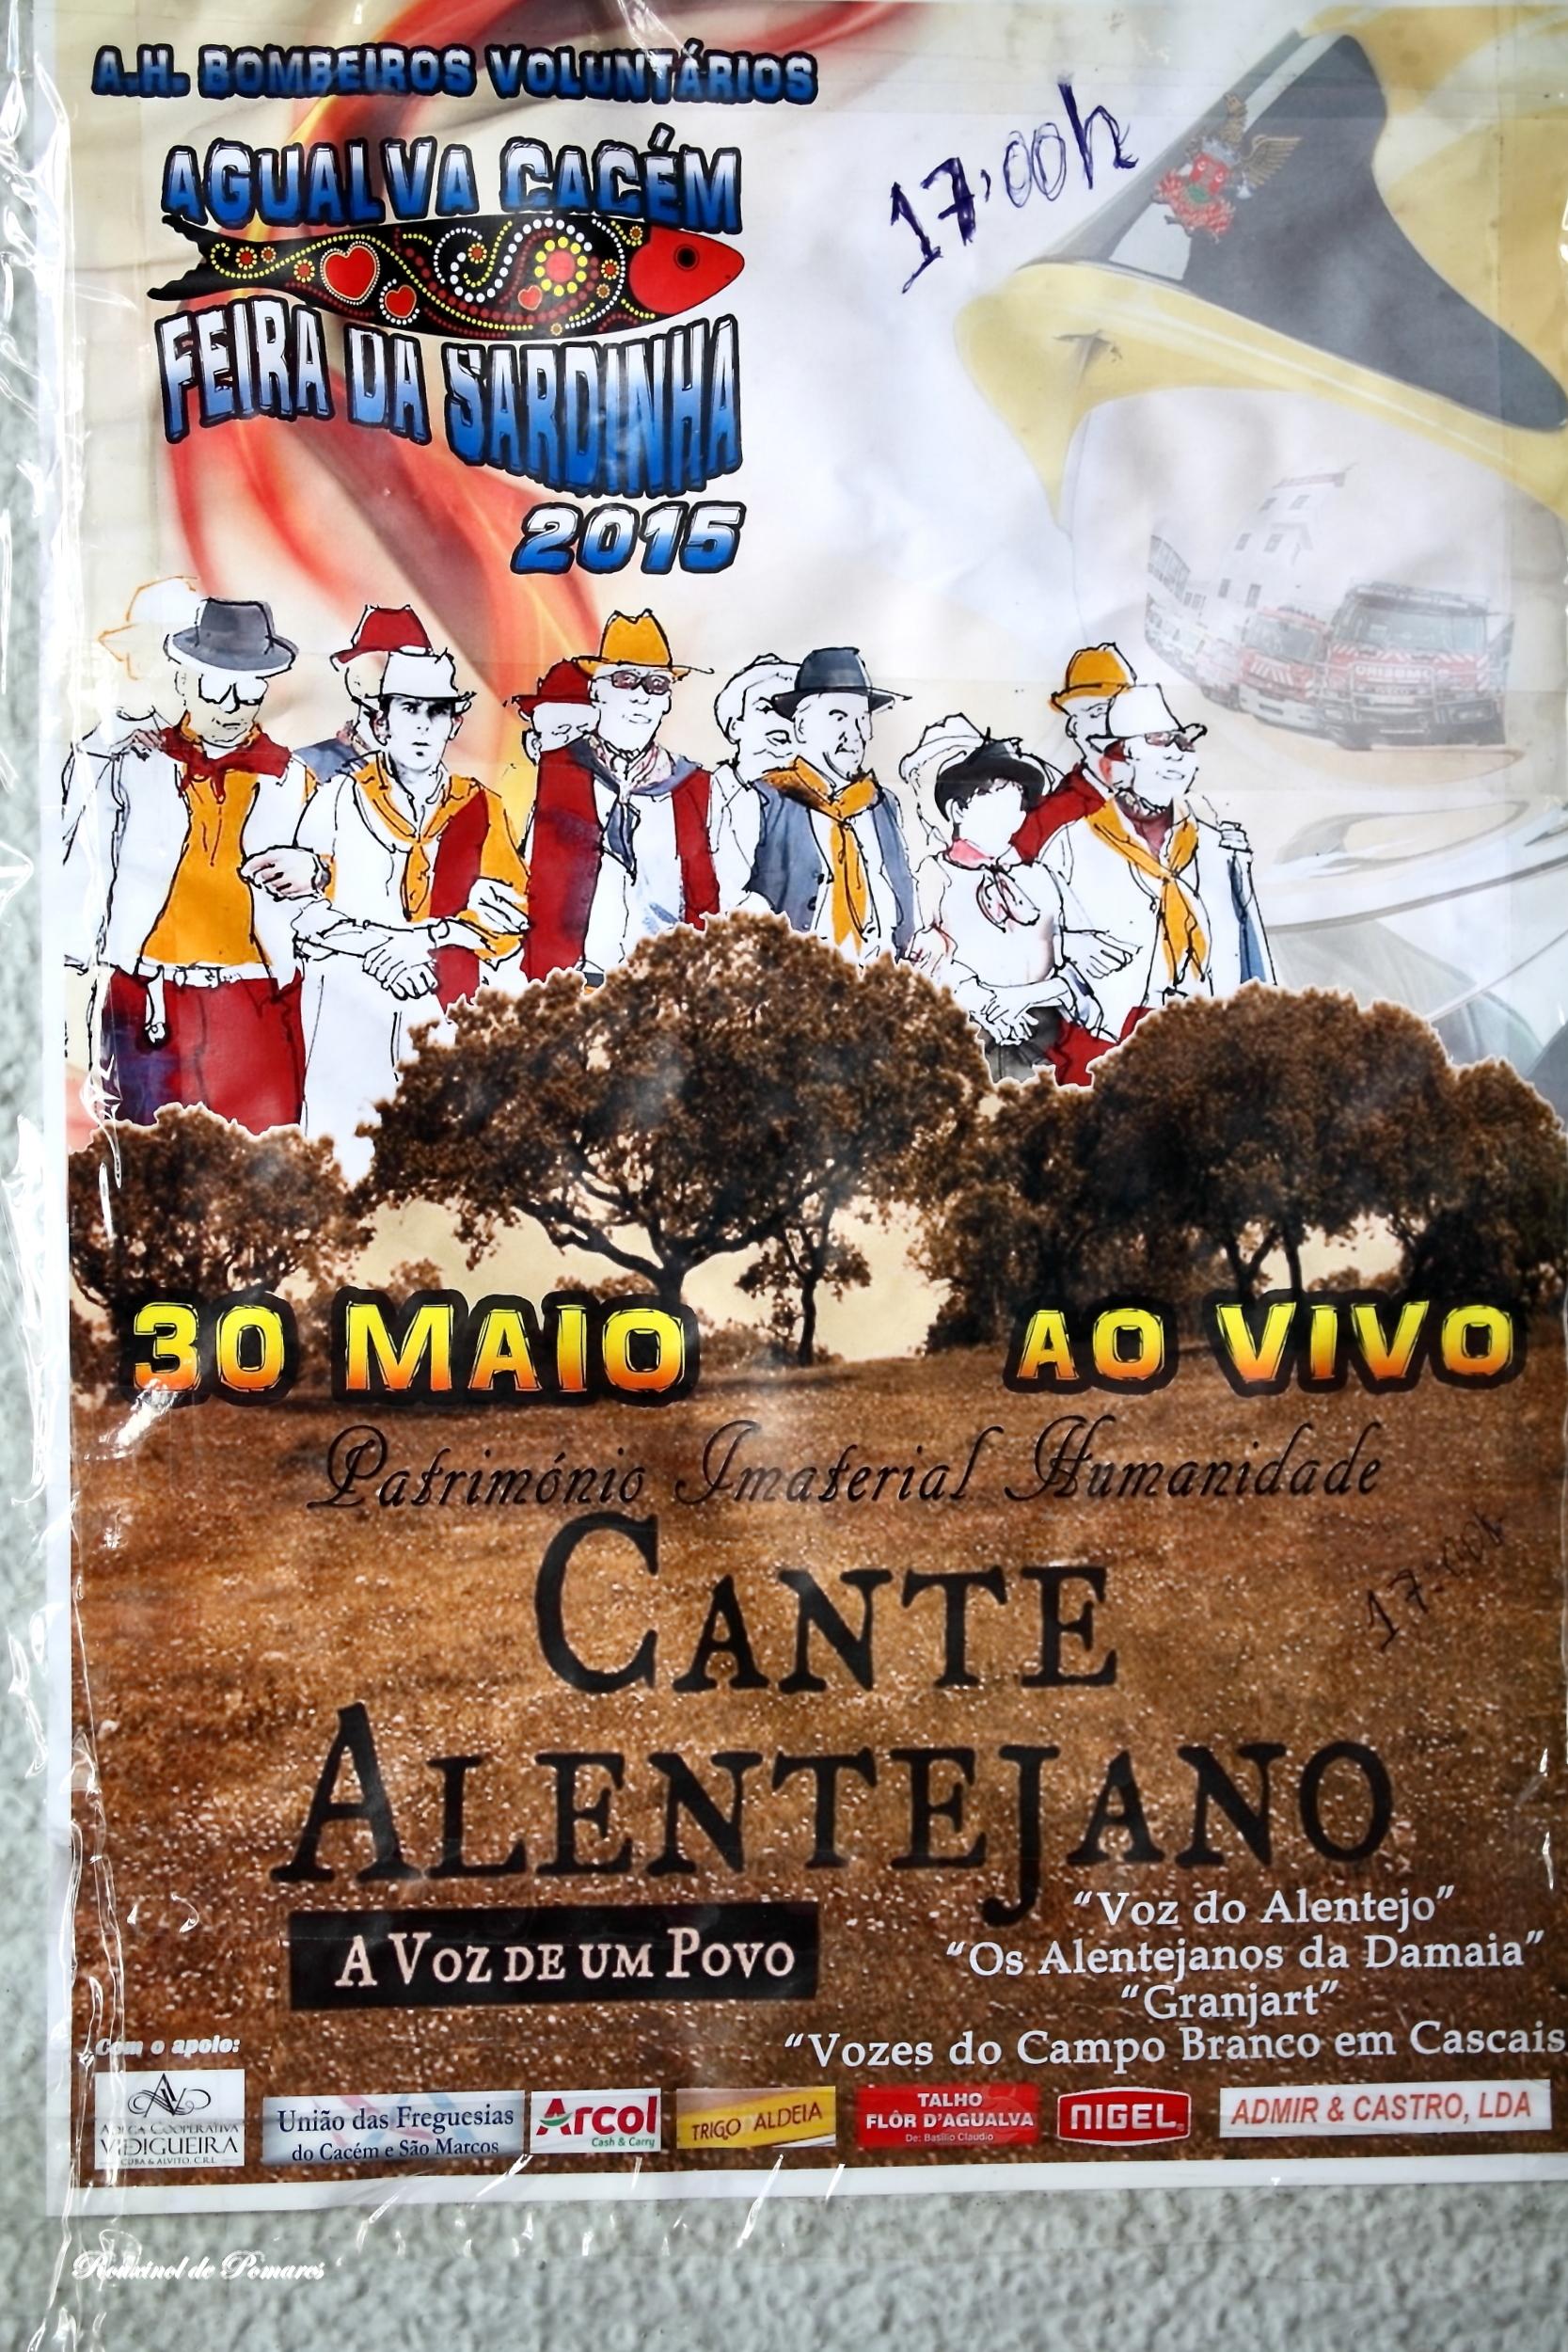 O Cante veio a Agualva (0010)